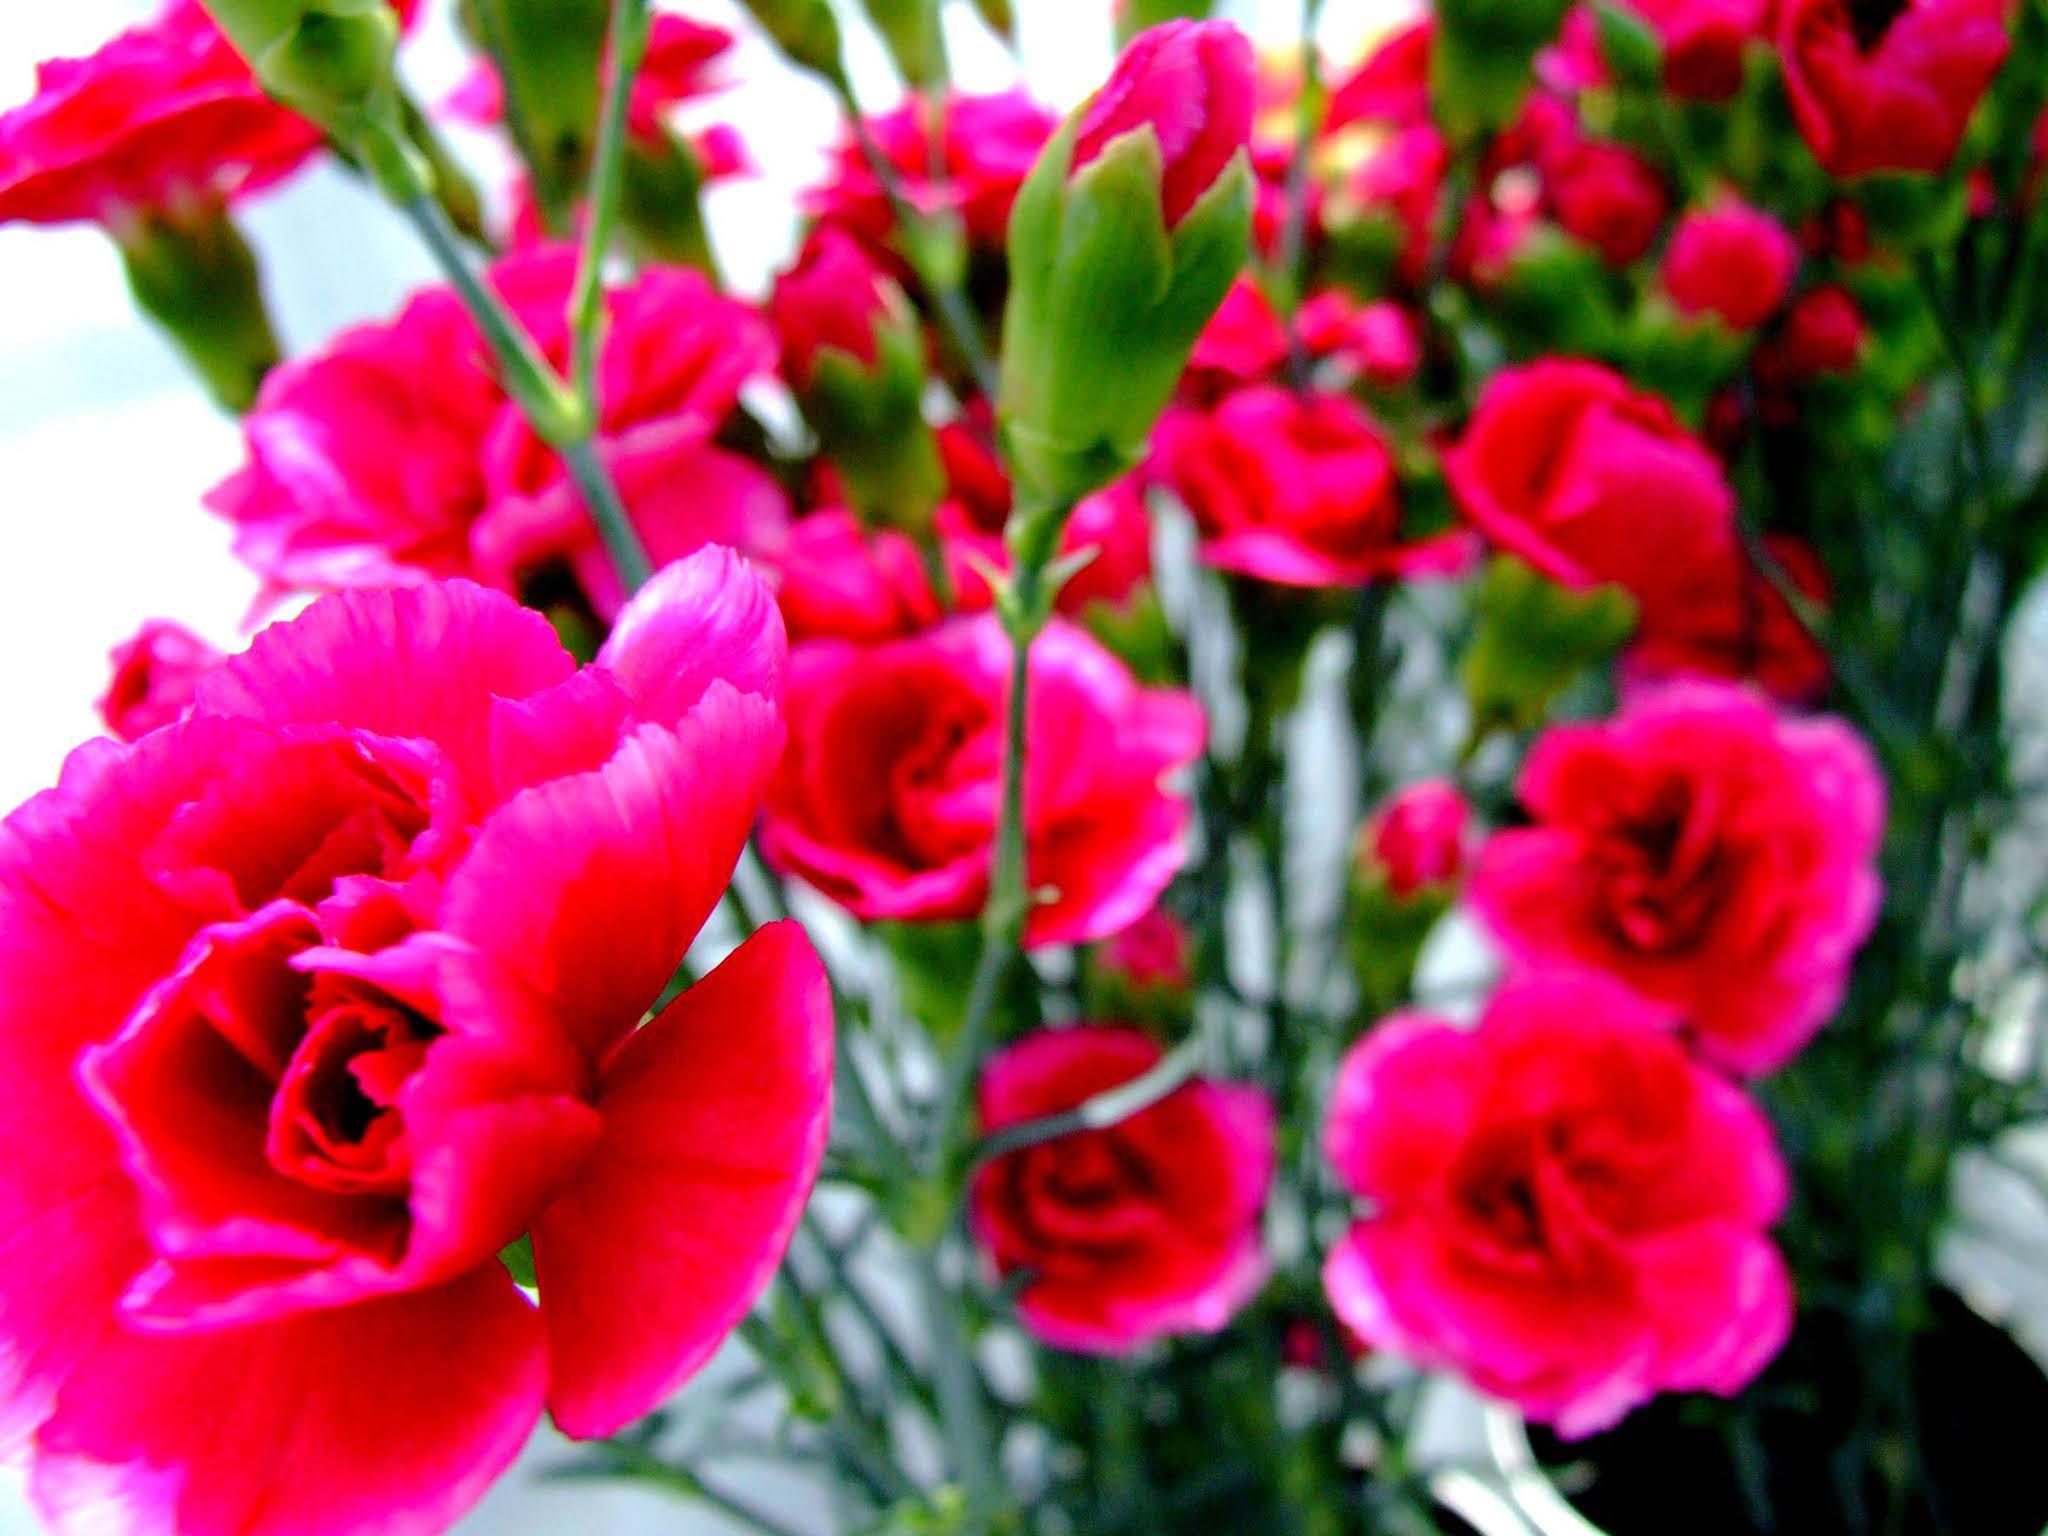 ビビットな赤が可愛らしい、カーネーションの花束の写真素材です。母の日のアイキャッチなどにおすすめですよ。